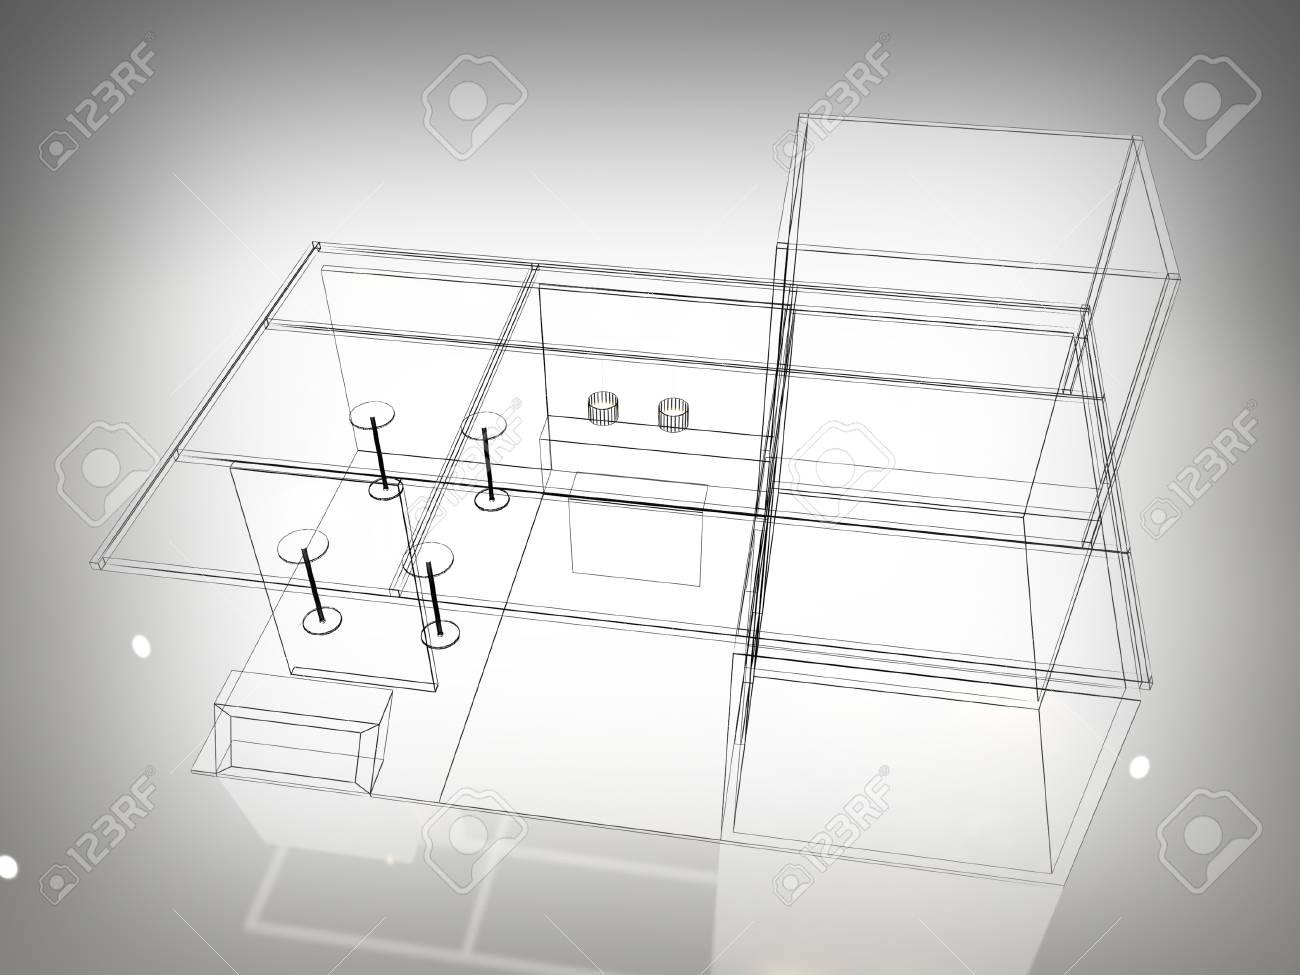 sketch design of exchibition kiosk, 3d rendering